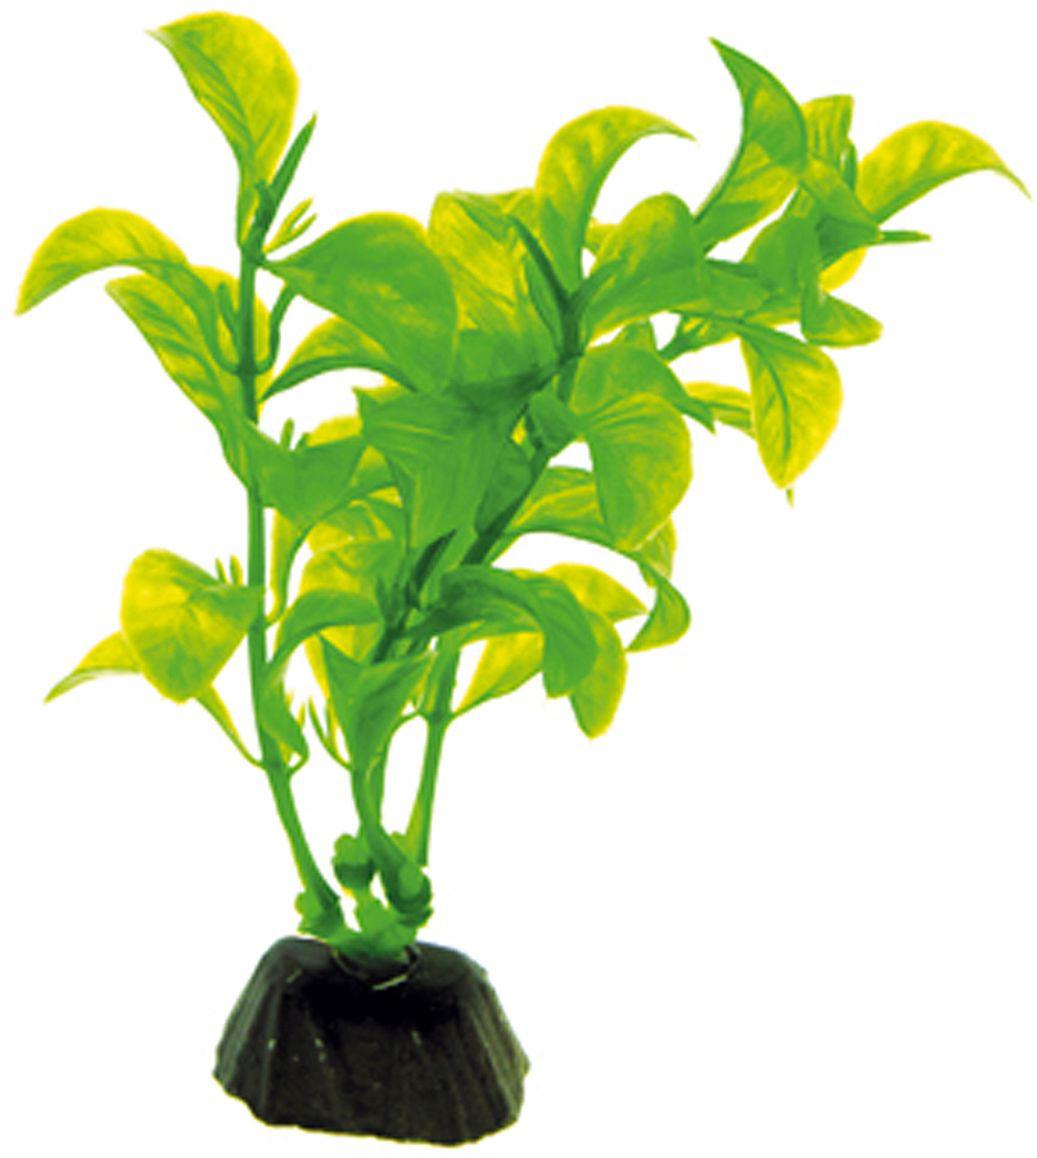 Искусственное растение для аквариума Dezzie, 10 см. 56020135602013Подводное искусственное растение для аквариума Dezzie является неотъемлемой частью композиции аквариума, радует глаз, а также может быть уютным убежищем для рыб и других обитателей аквариума. Пластиковое растение имеет устойчивое дно, которое не нуждается в дополнительном утяжелении и легко устанавливается в грунт. Растение очень практично в использовании, имеет стойкую к воздействию воды окраску и не требует обременительного ухода. Его можно легко достать и протереть тряпкой во время уборки аквариума. Растения из пластика создадут неповторимый дизайн пресноводного или морского аквариума. Высота растения: 10 см.